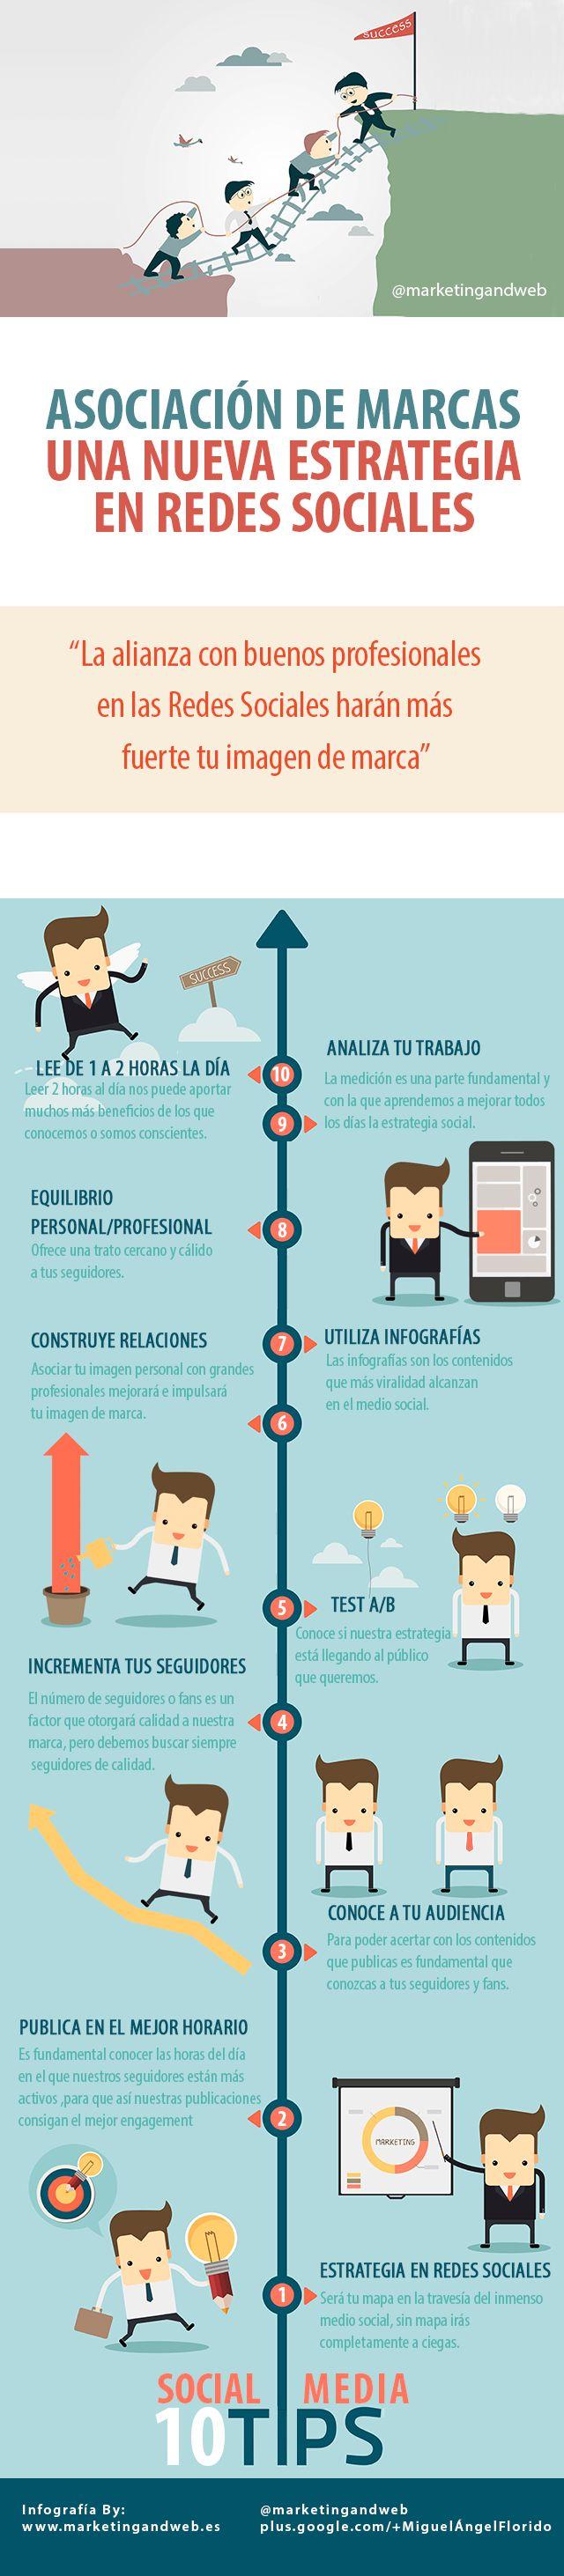 La asociación de Marcas puede ser una efectiva Estrategia de Marketing en Redes Sociales. Este co-branding social hará más fuerte nuestra imagen de marca.